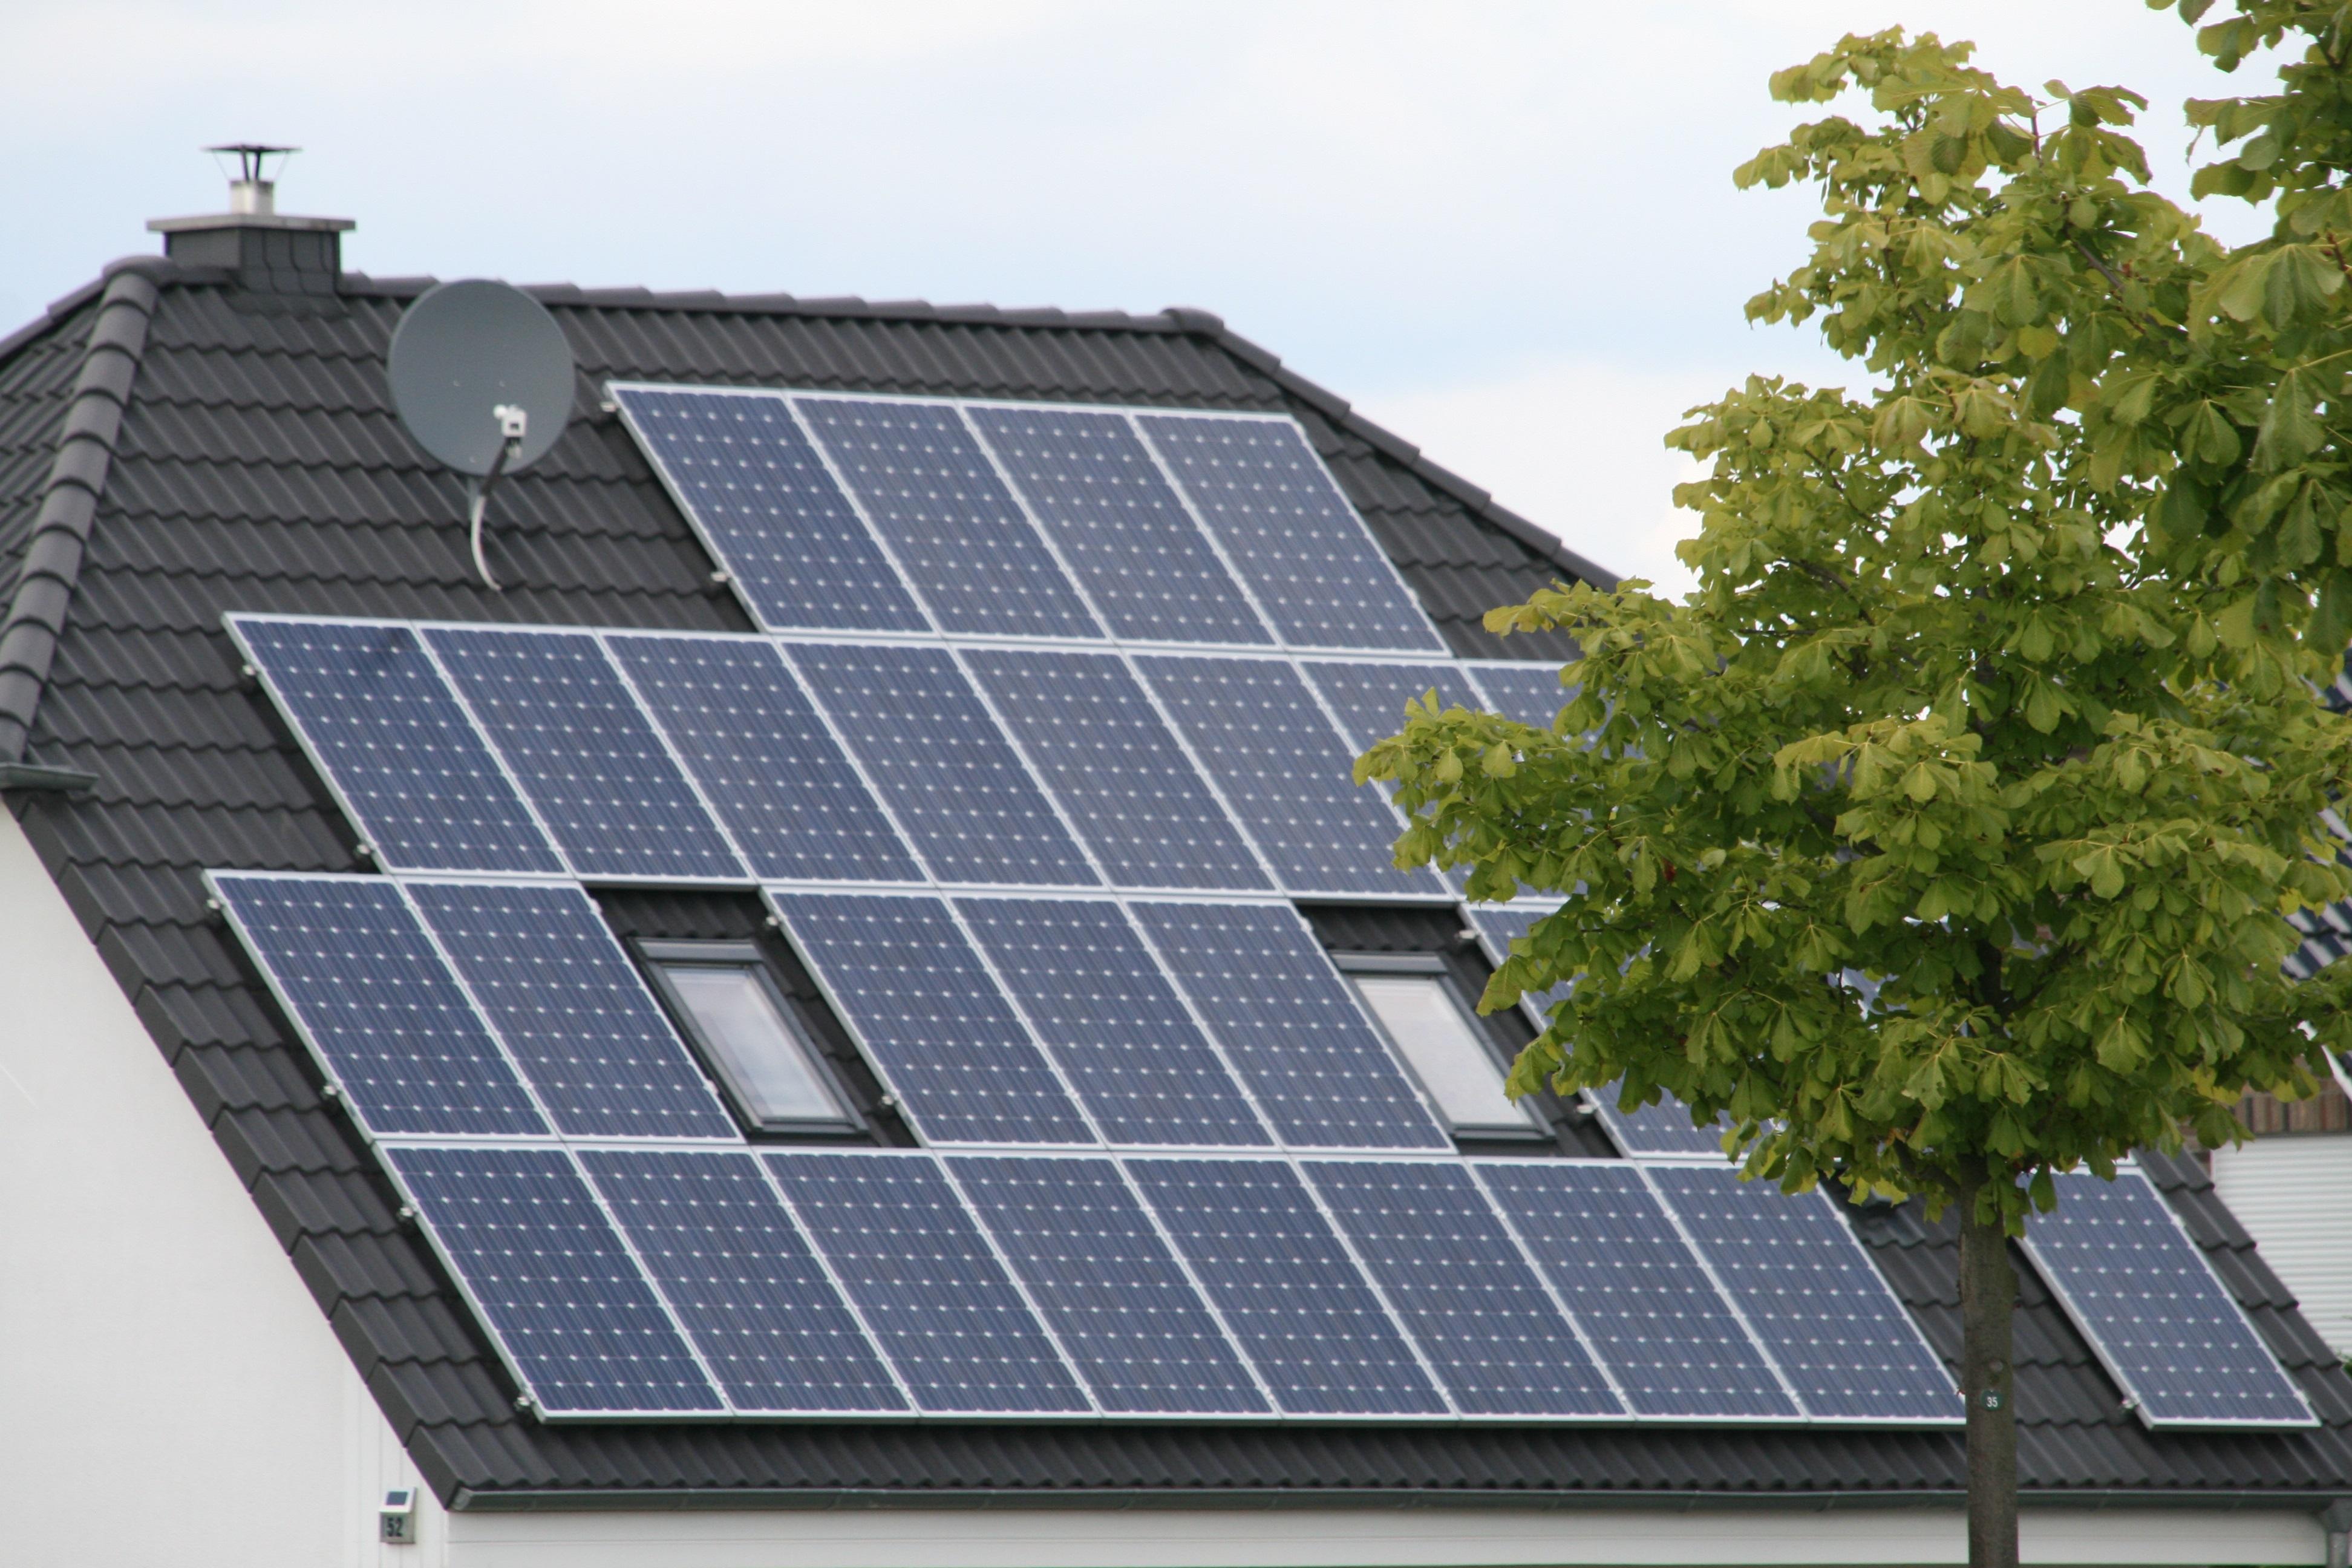 Kleiner Blick auf Energie- und Klimapolitik in der Schweiz